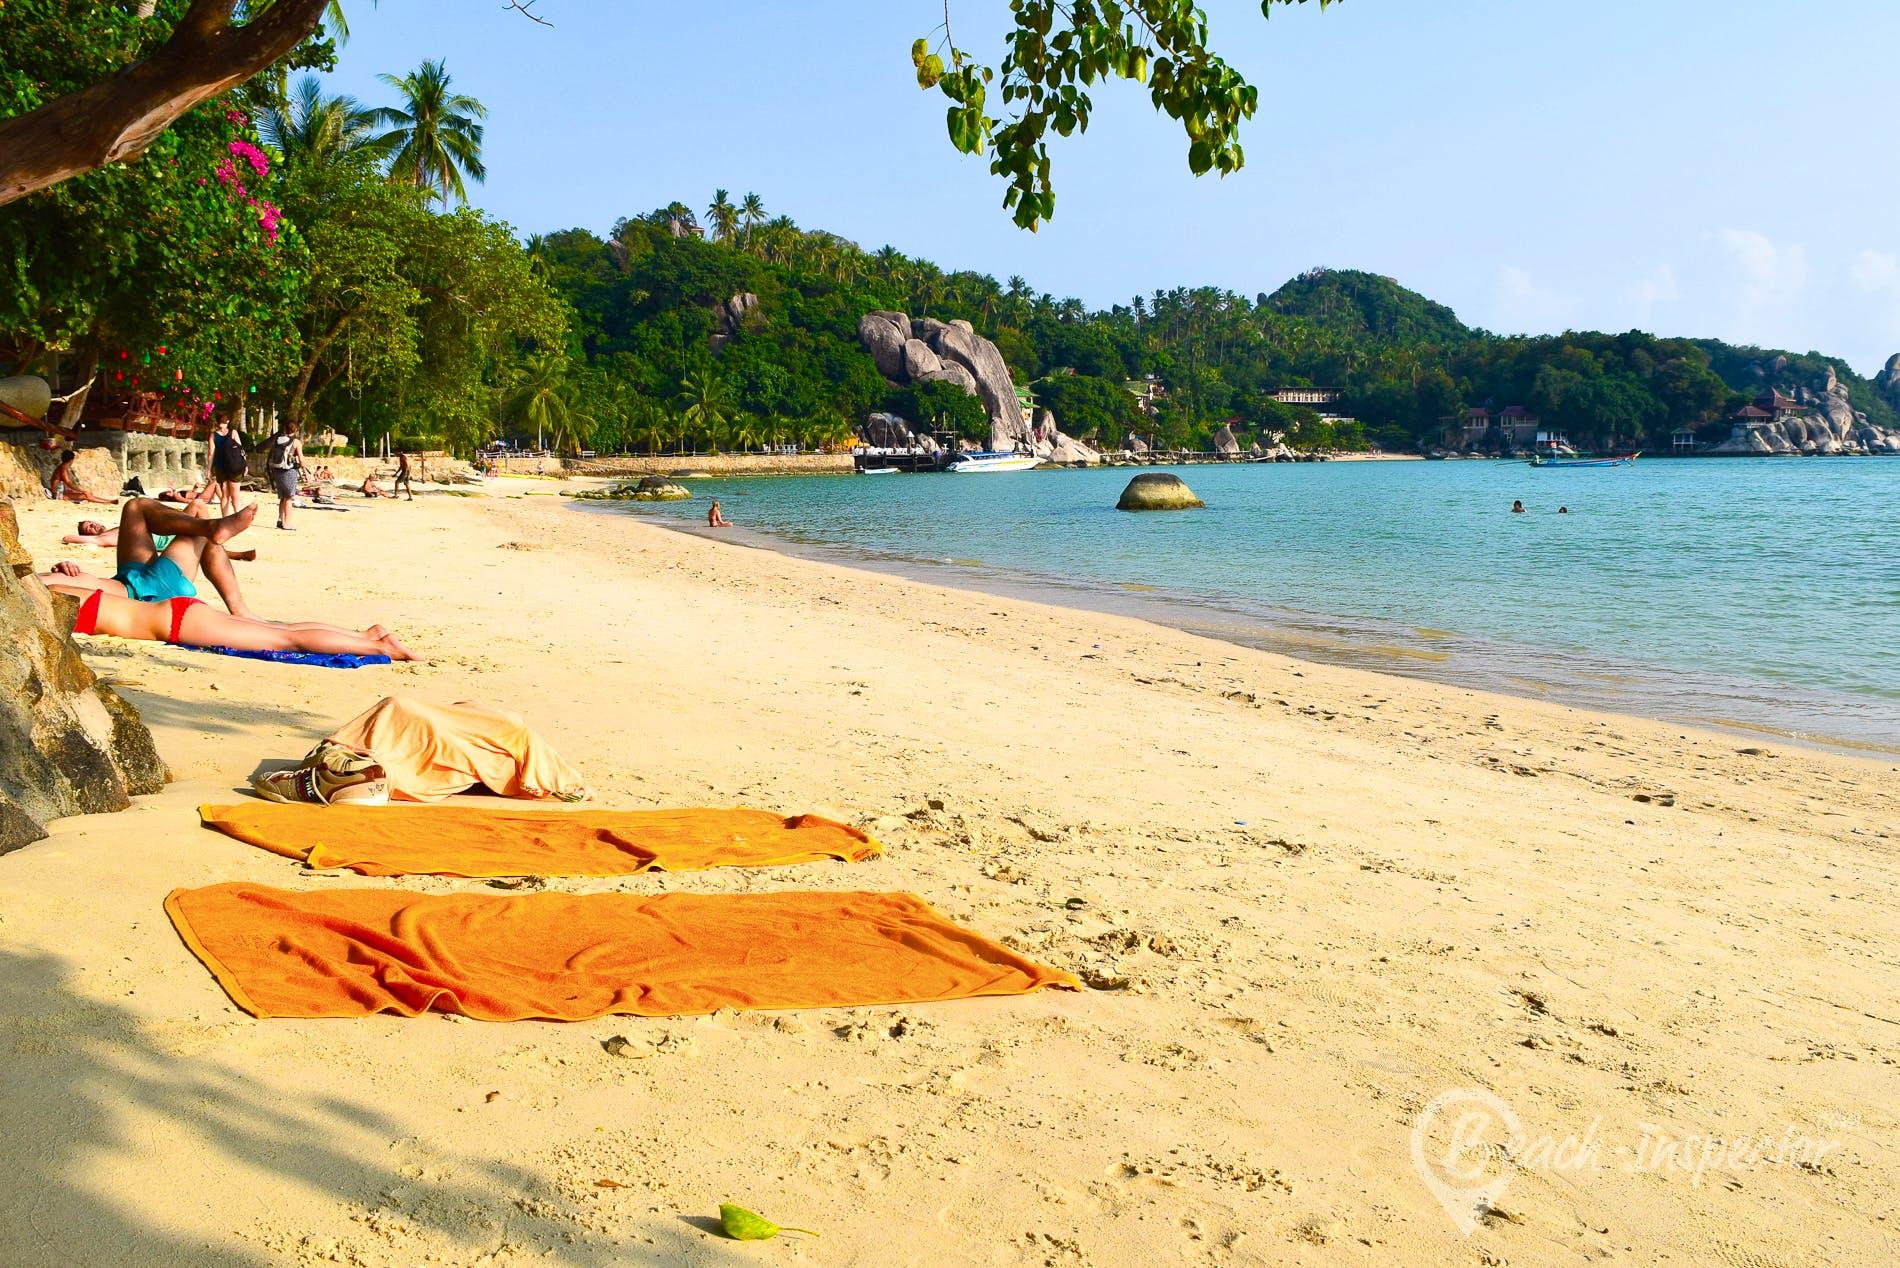 Beach Chalok Baan Kao Beach, Koh Tao, Thailand